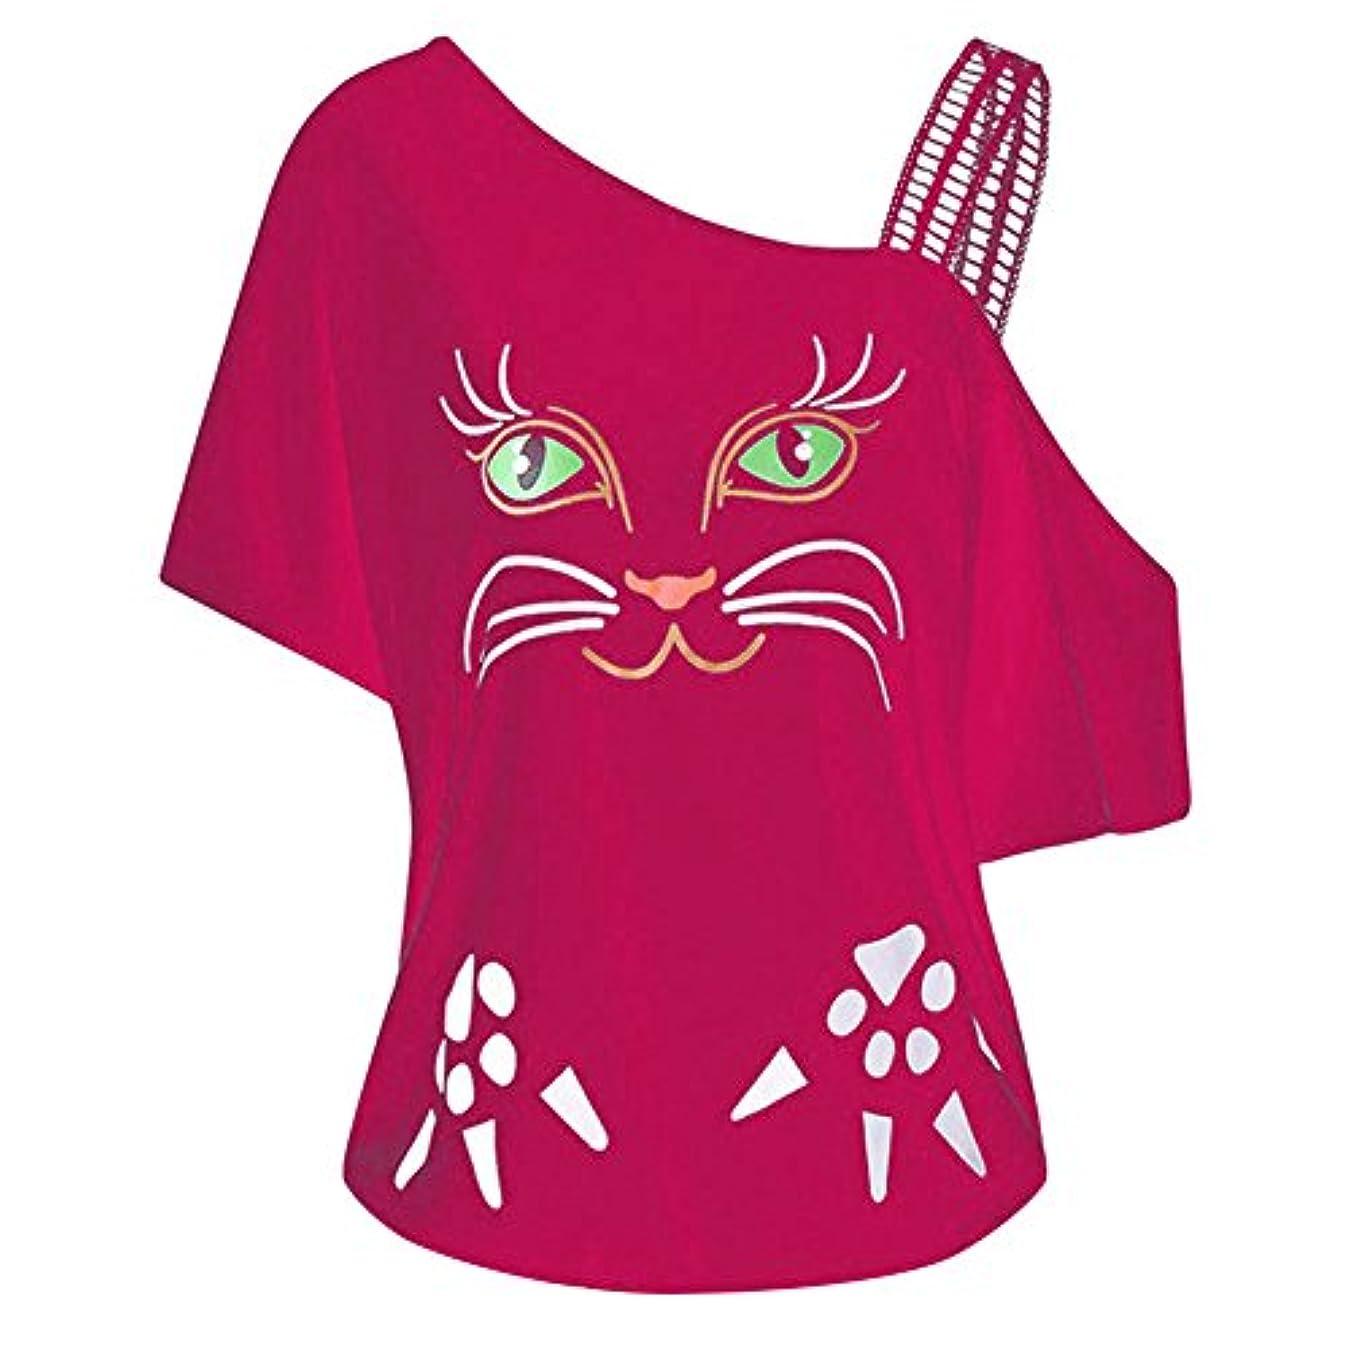 その間図複製するHosam レディース 洋服 片肩 猫 お洒落 おもしろ プリント Tシャツ お洒落 体型カバ― お呼ばれ 通勤 日常 快適 大きなサイズ シンプルなデザイン 20代30代40代でも (L, ピンク)